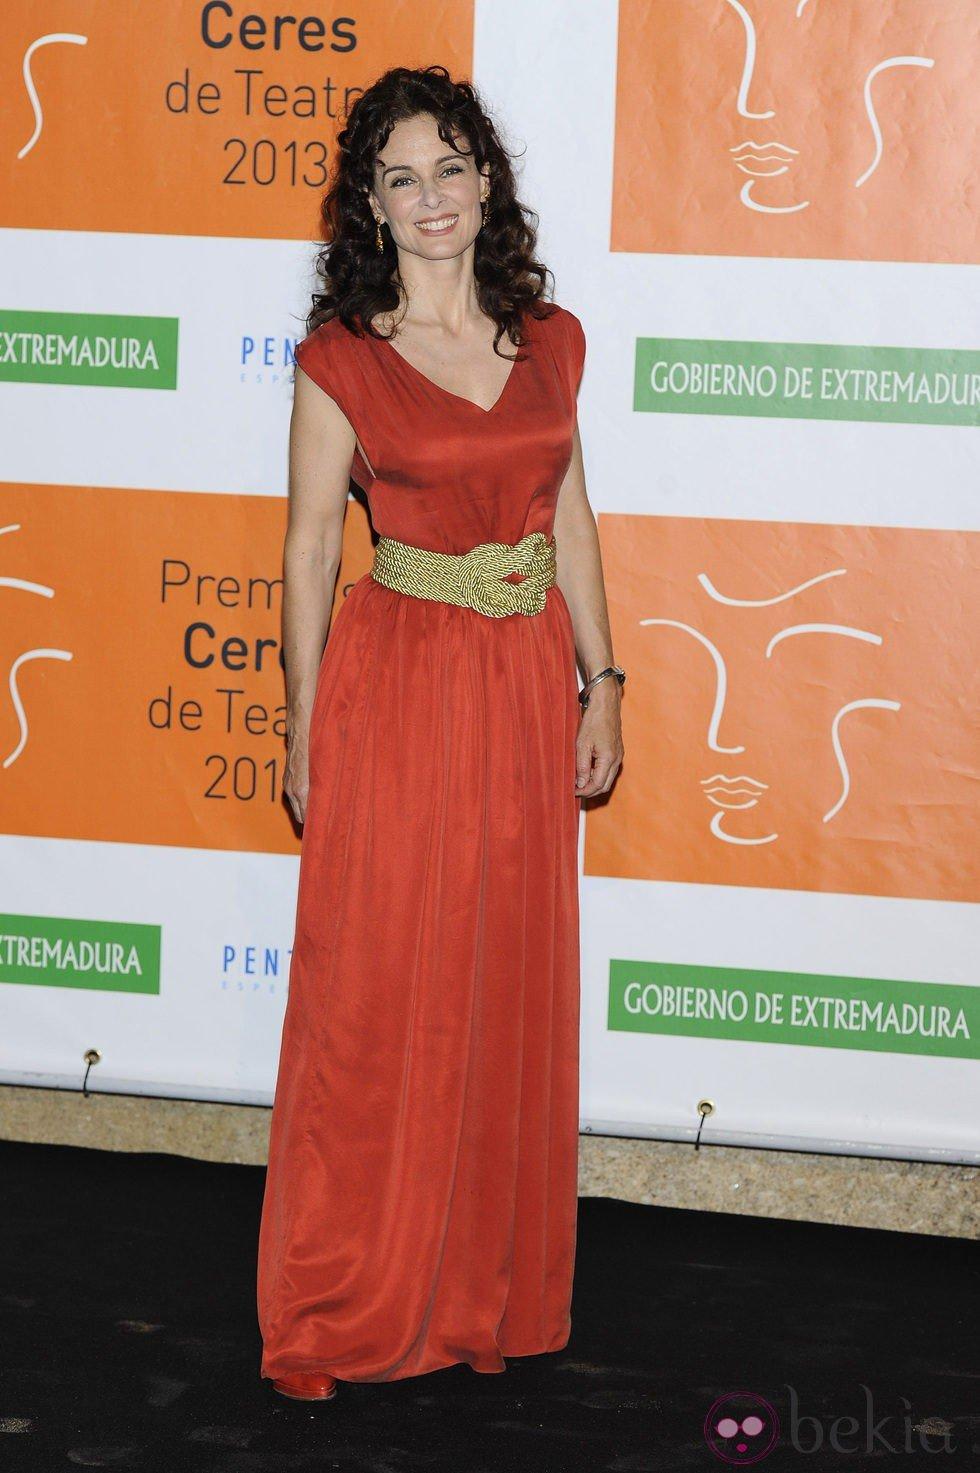 Silvia Marsó en los Premios Ceres 2013